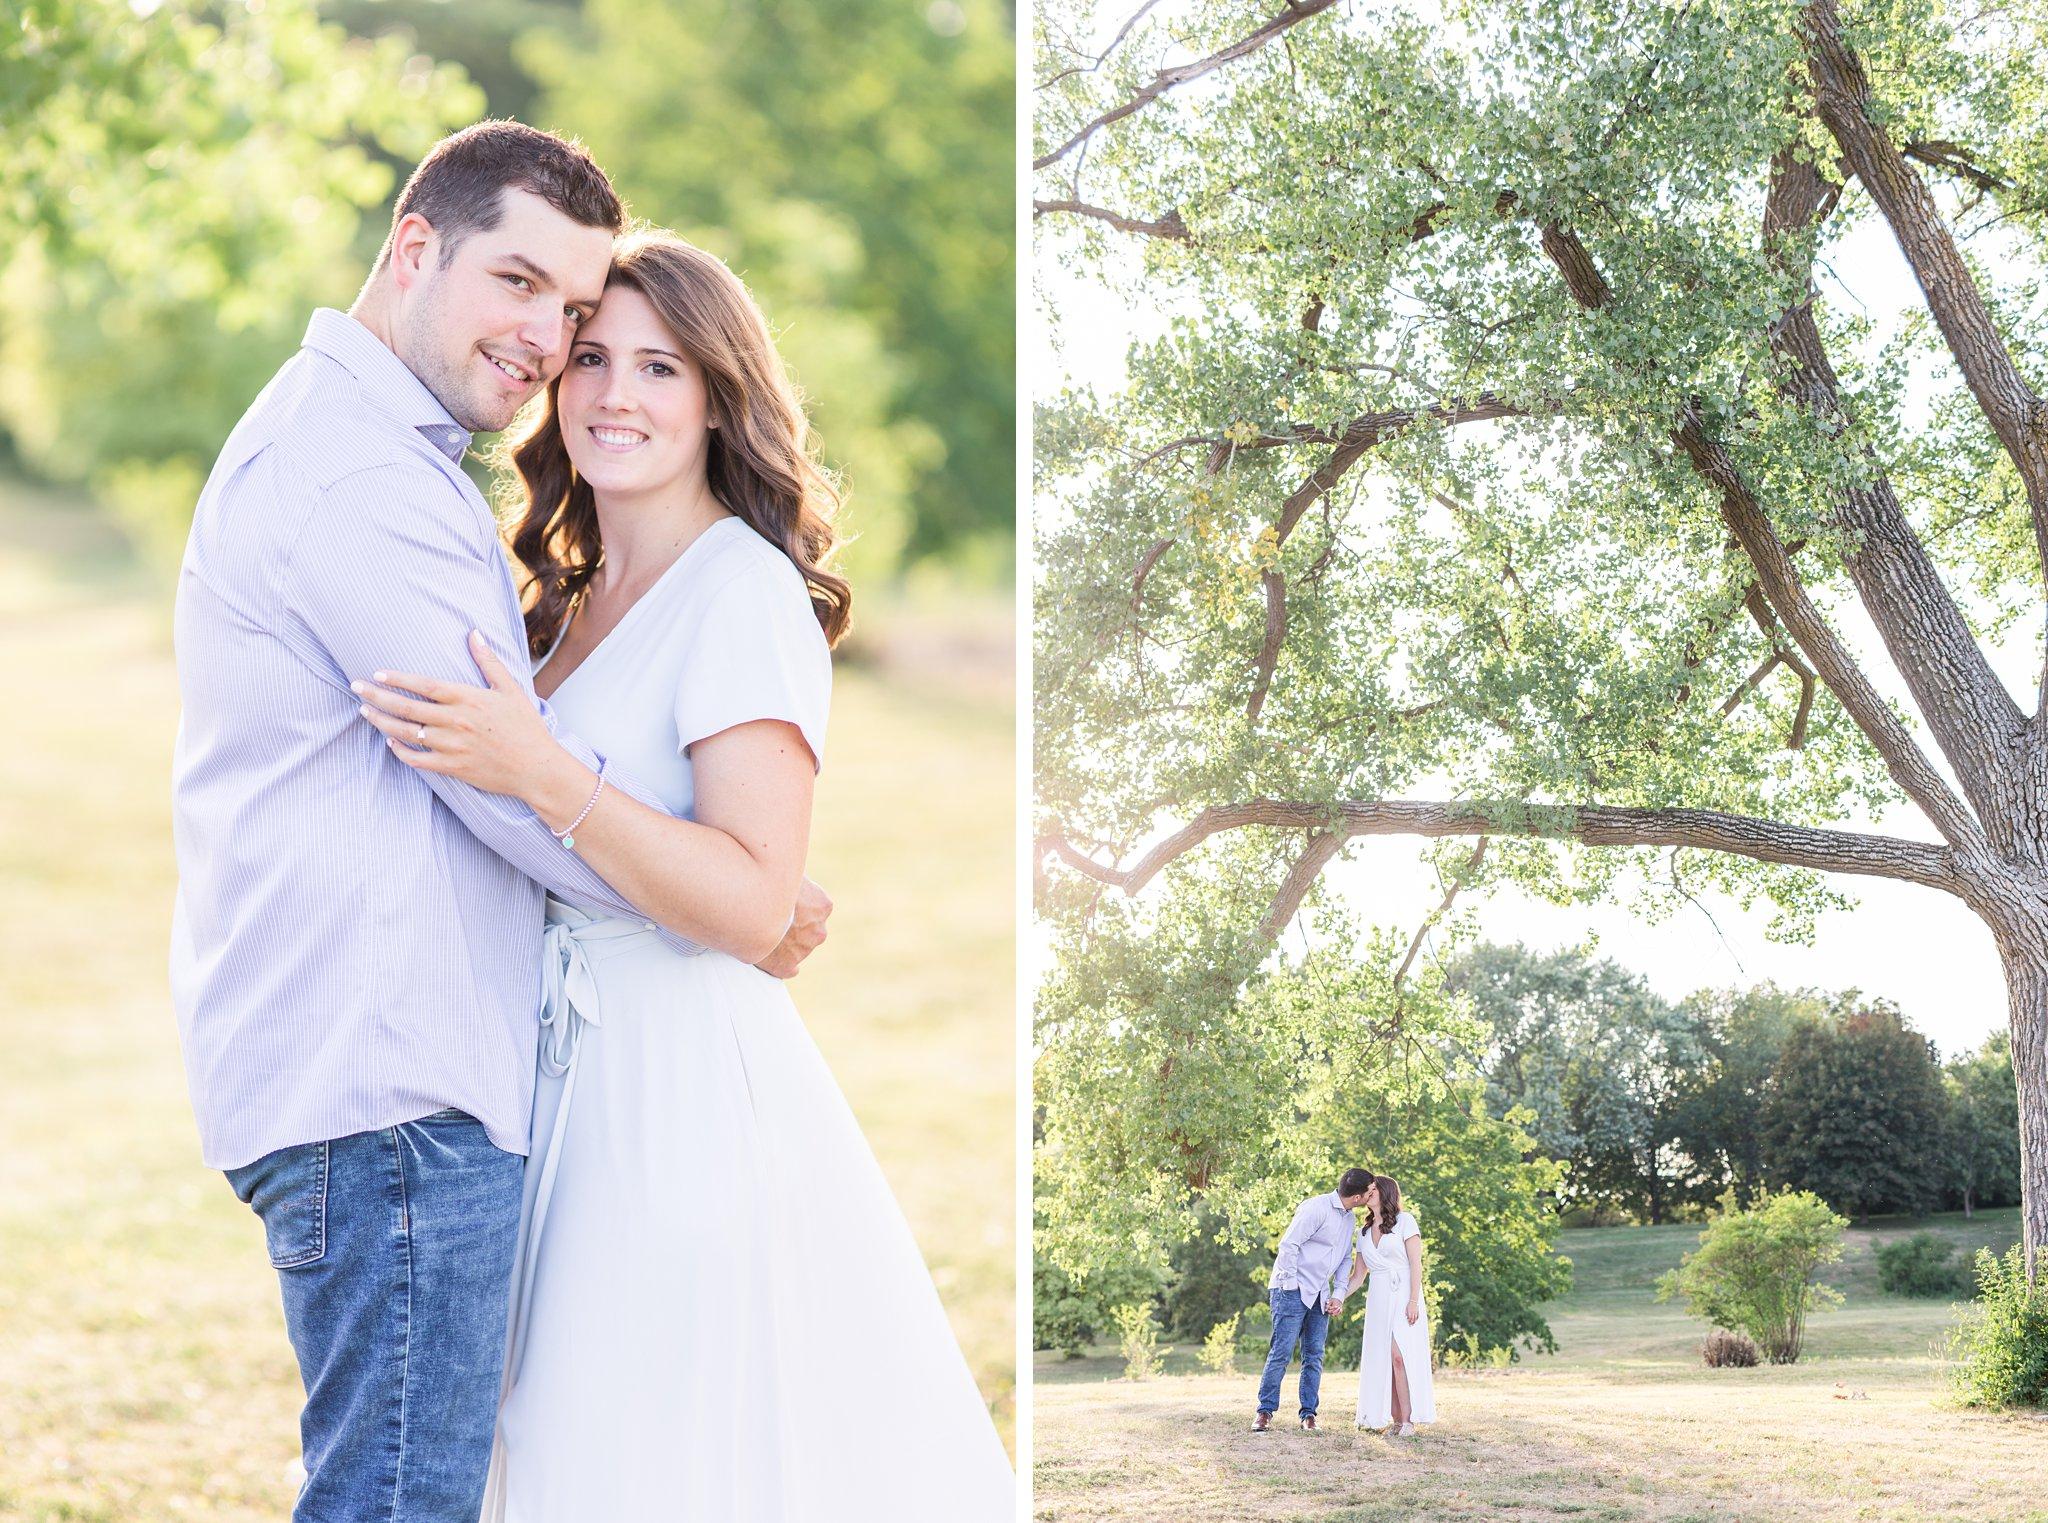 Light coloured outfits, groom button up shirt, dress, Fletcher's Wildlife Garden Engagement photos